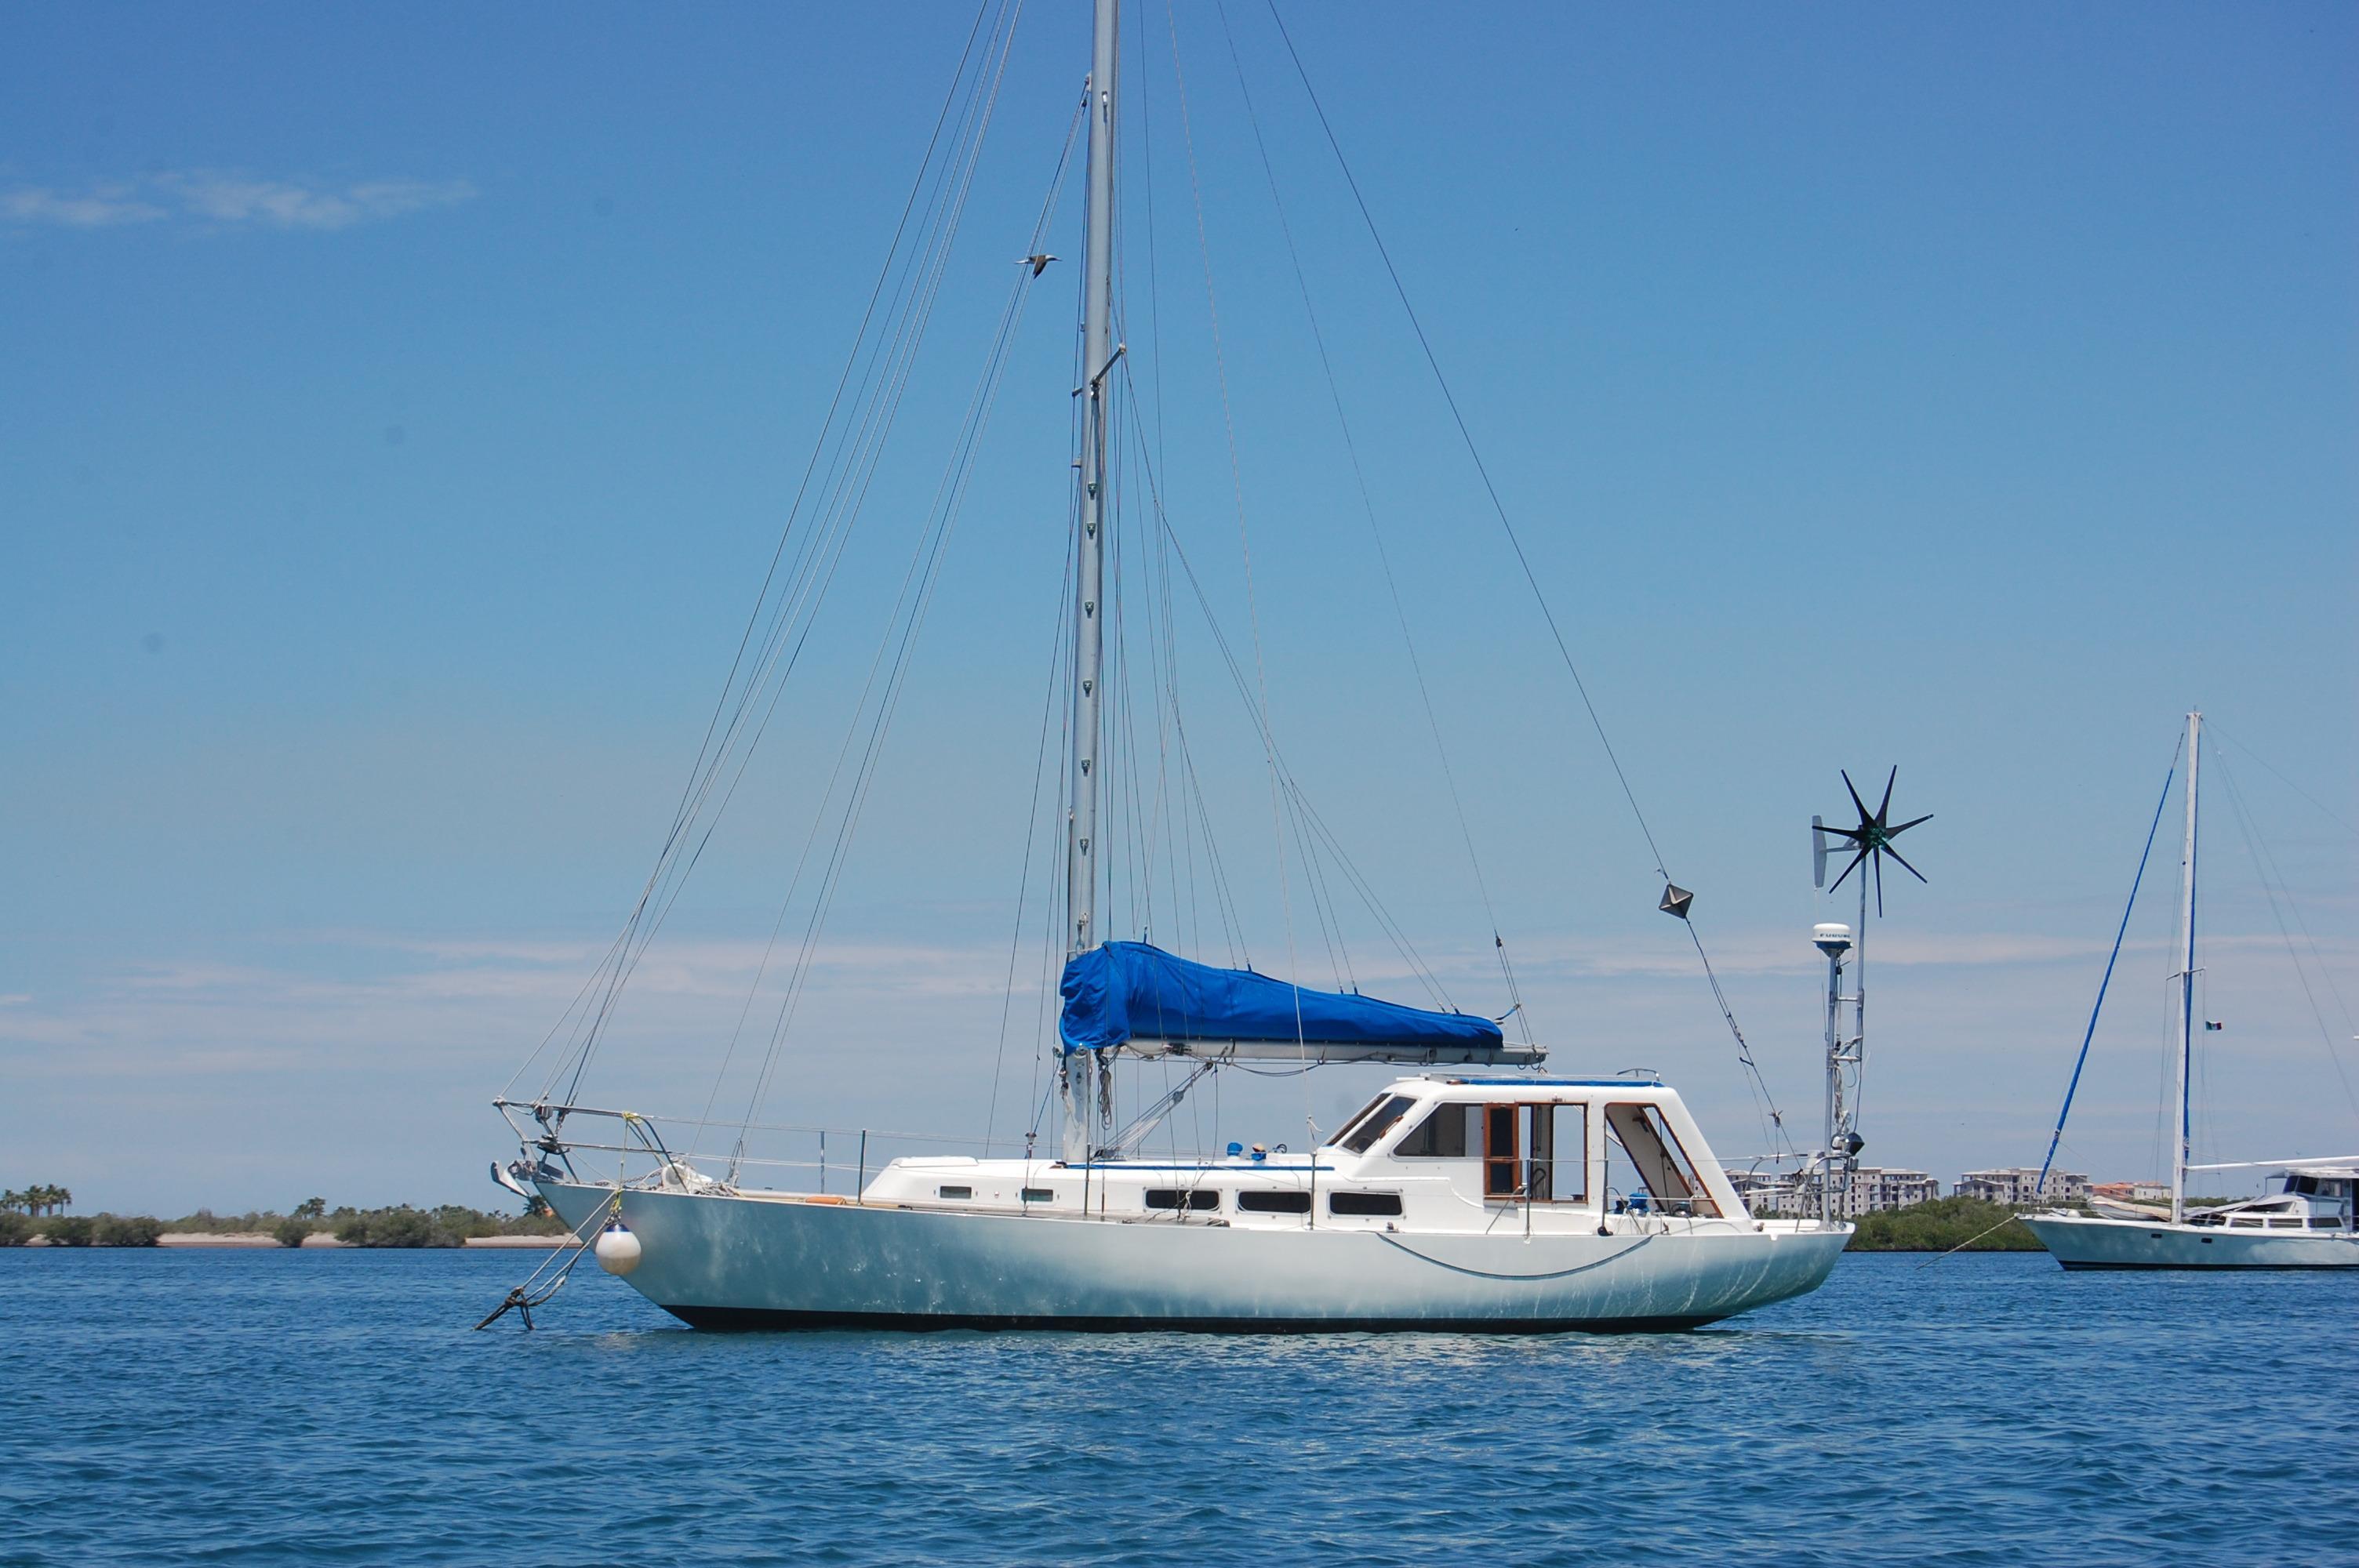 42' Spencer Sloop+Boat for sale!